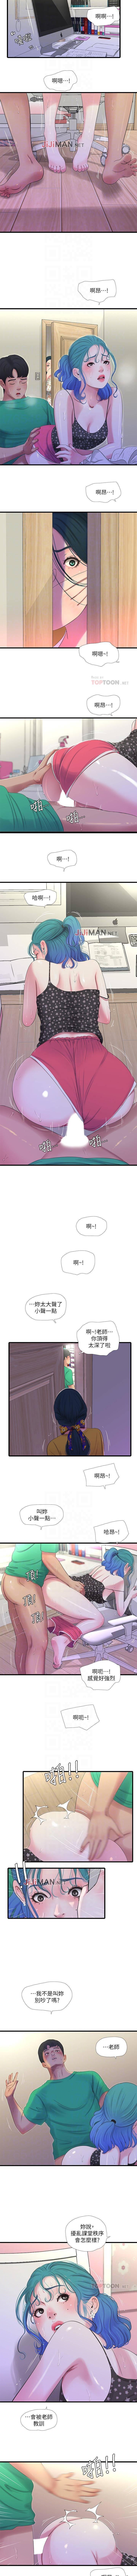 【周四连载】亲家四姐妹(作者:愛摸) 第1~37话 135